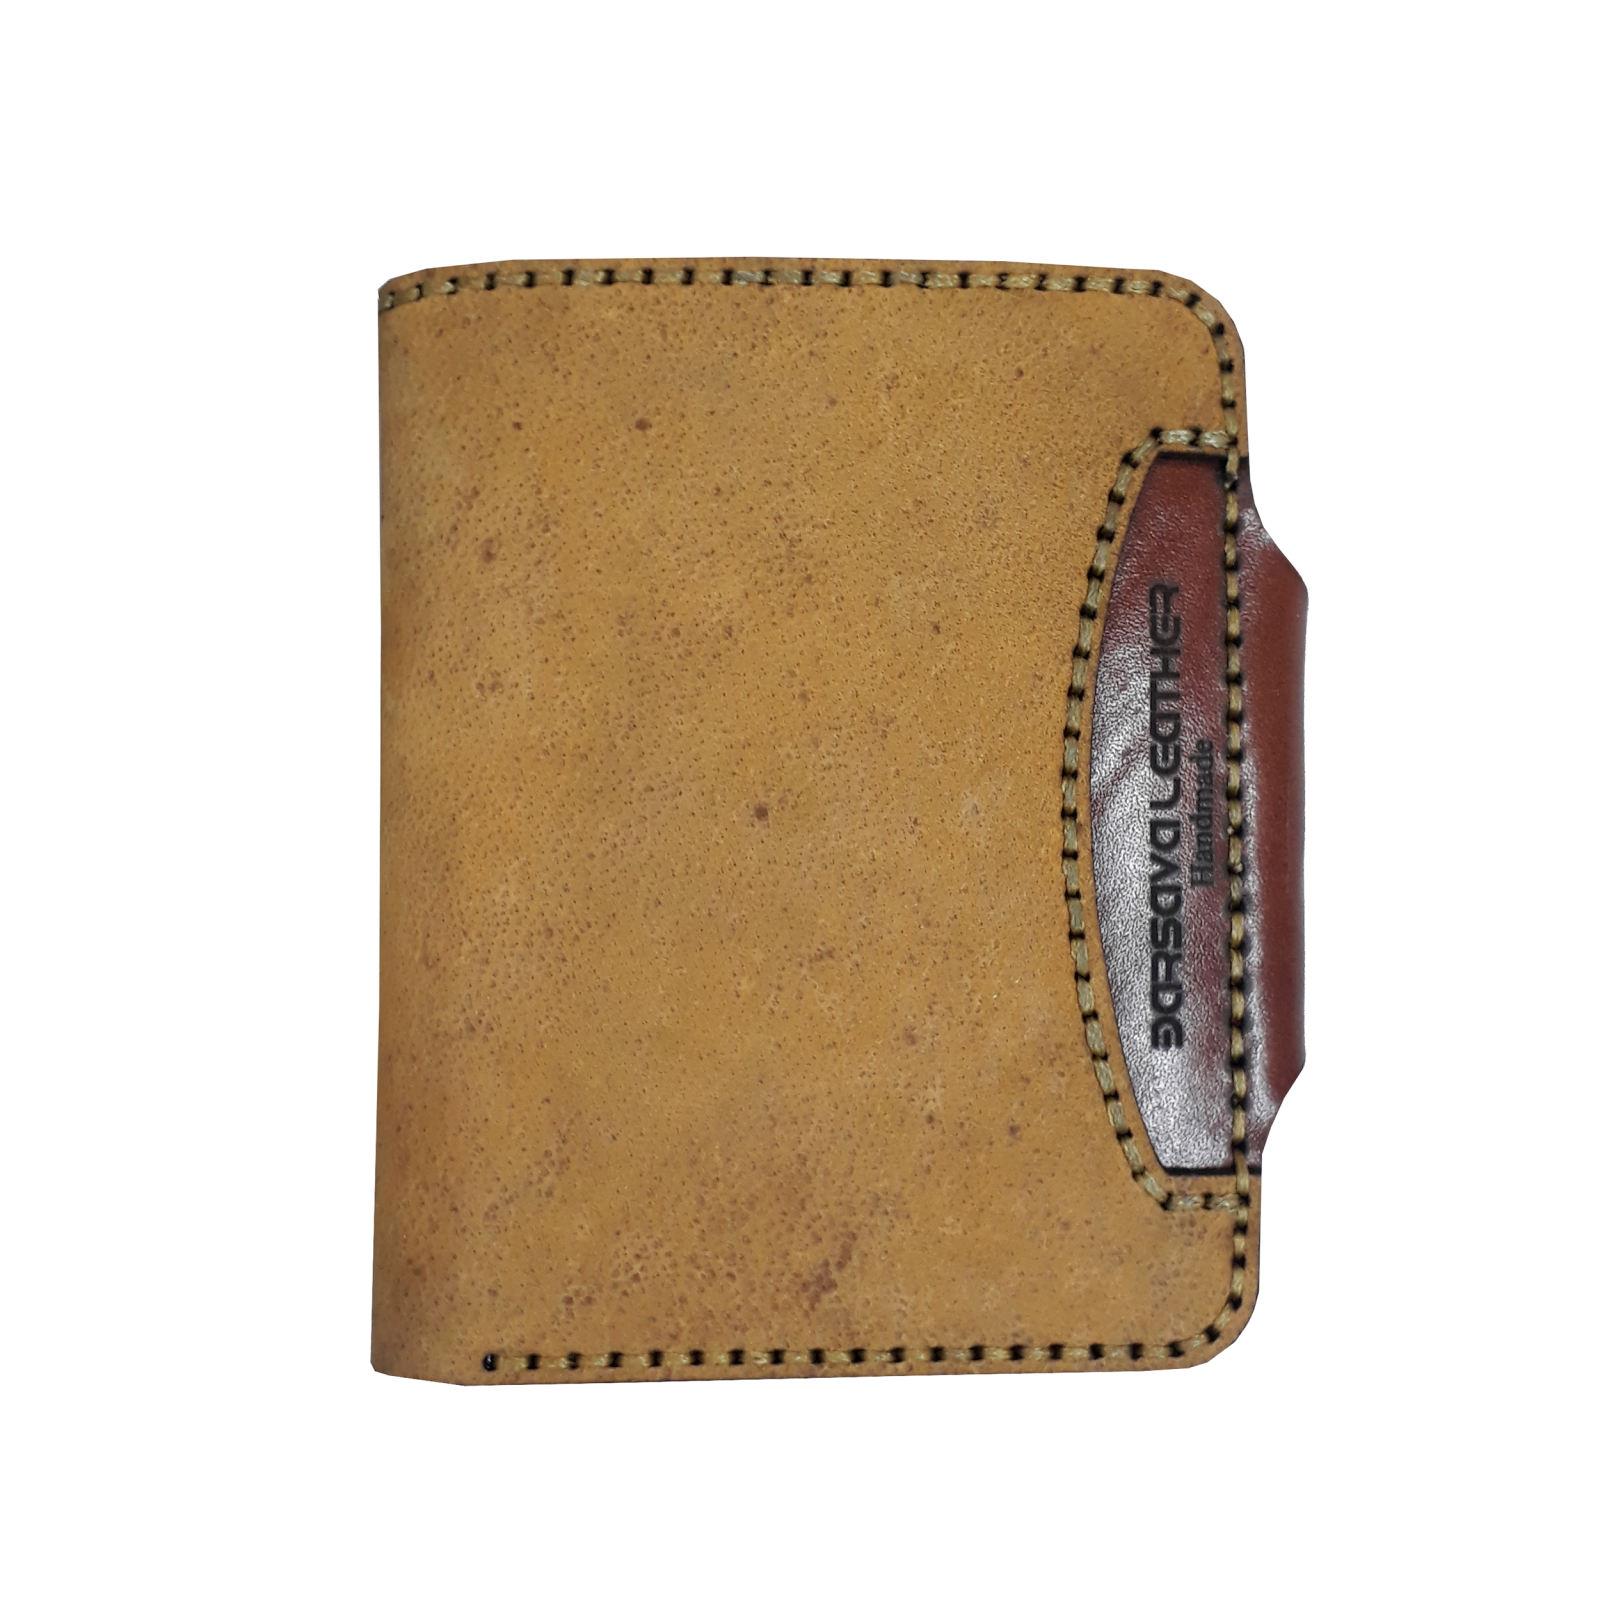 کیف پول مردانه چرم بارثاوا کد 1510 -  - 4